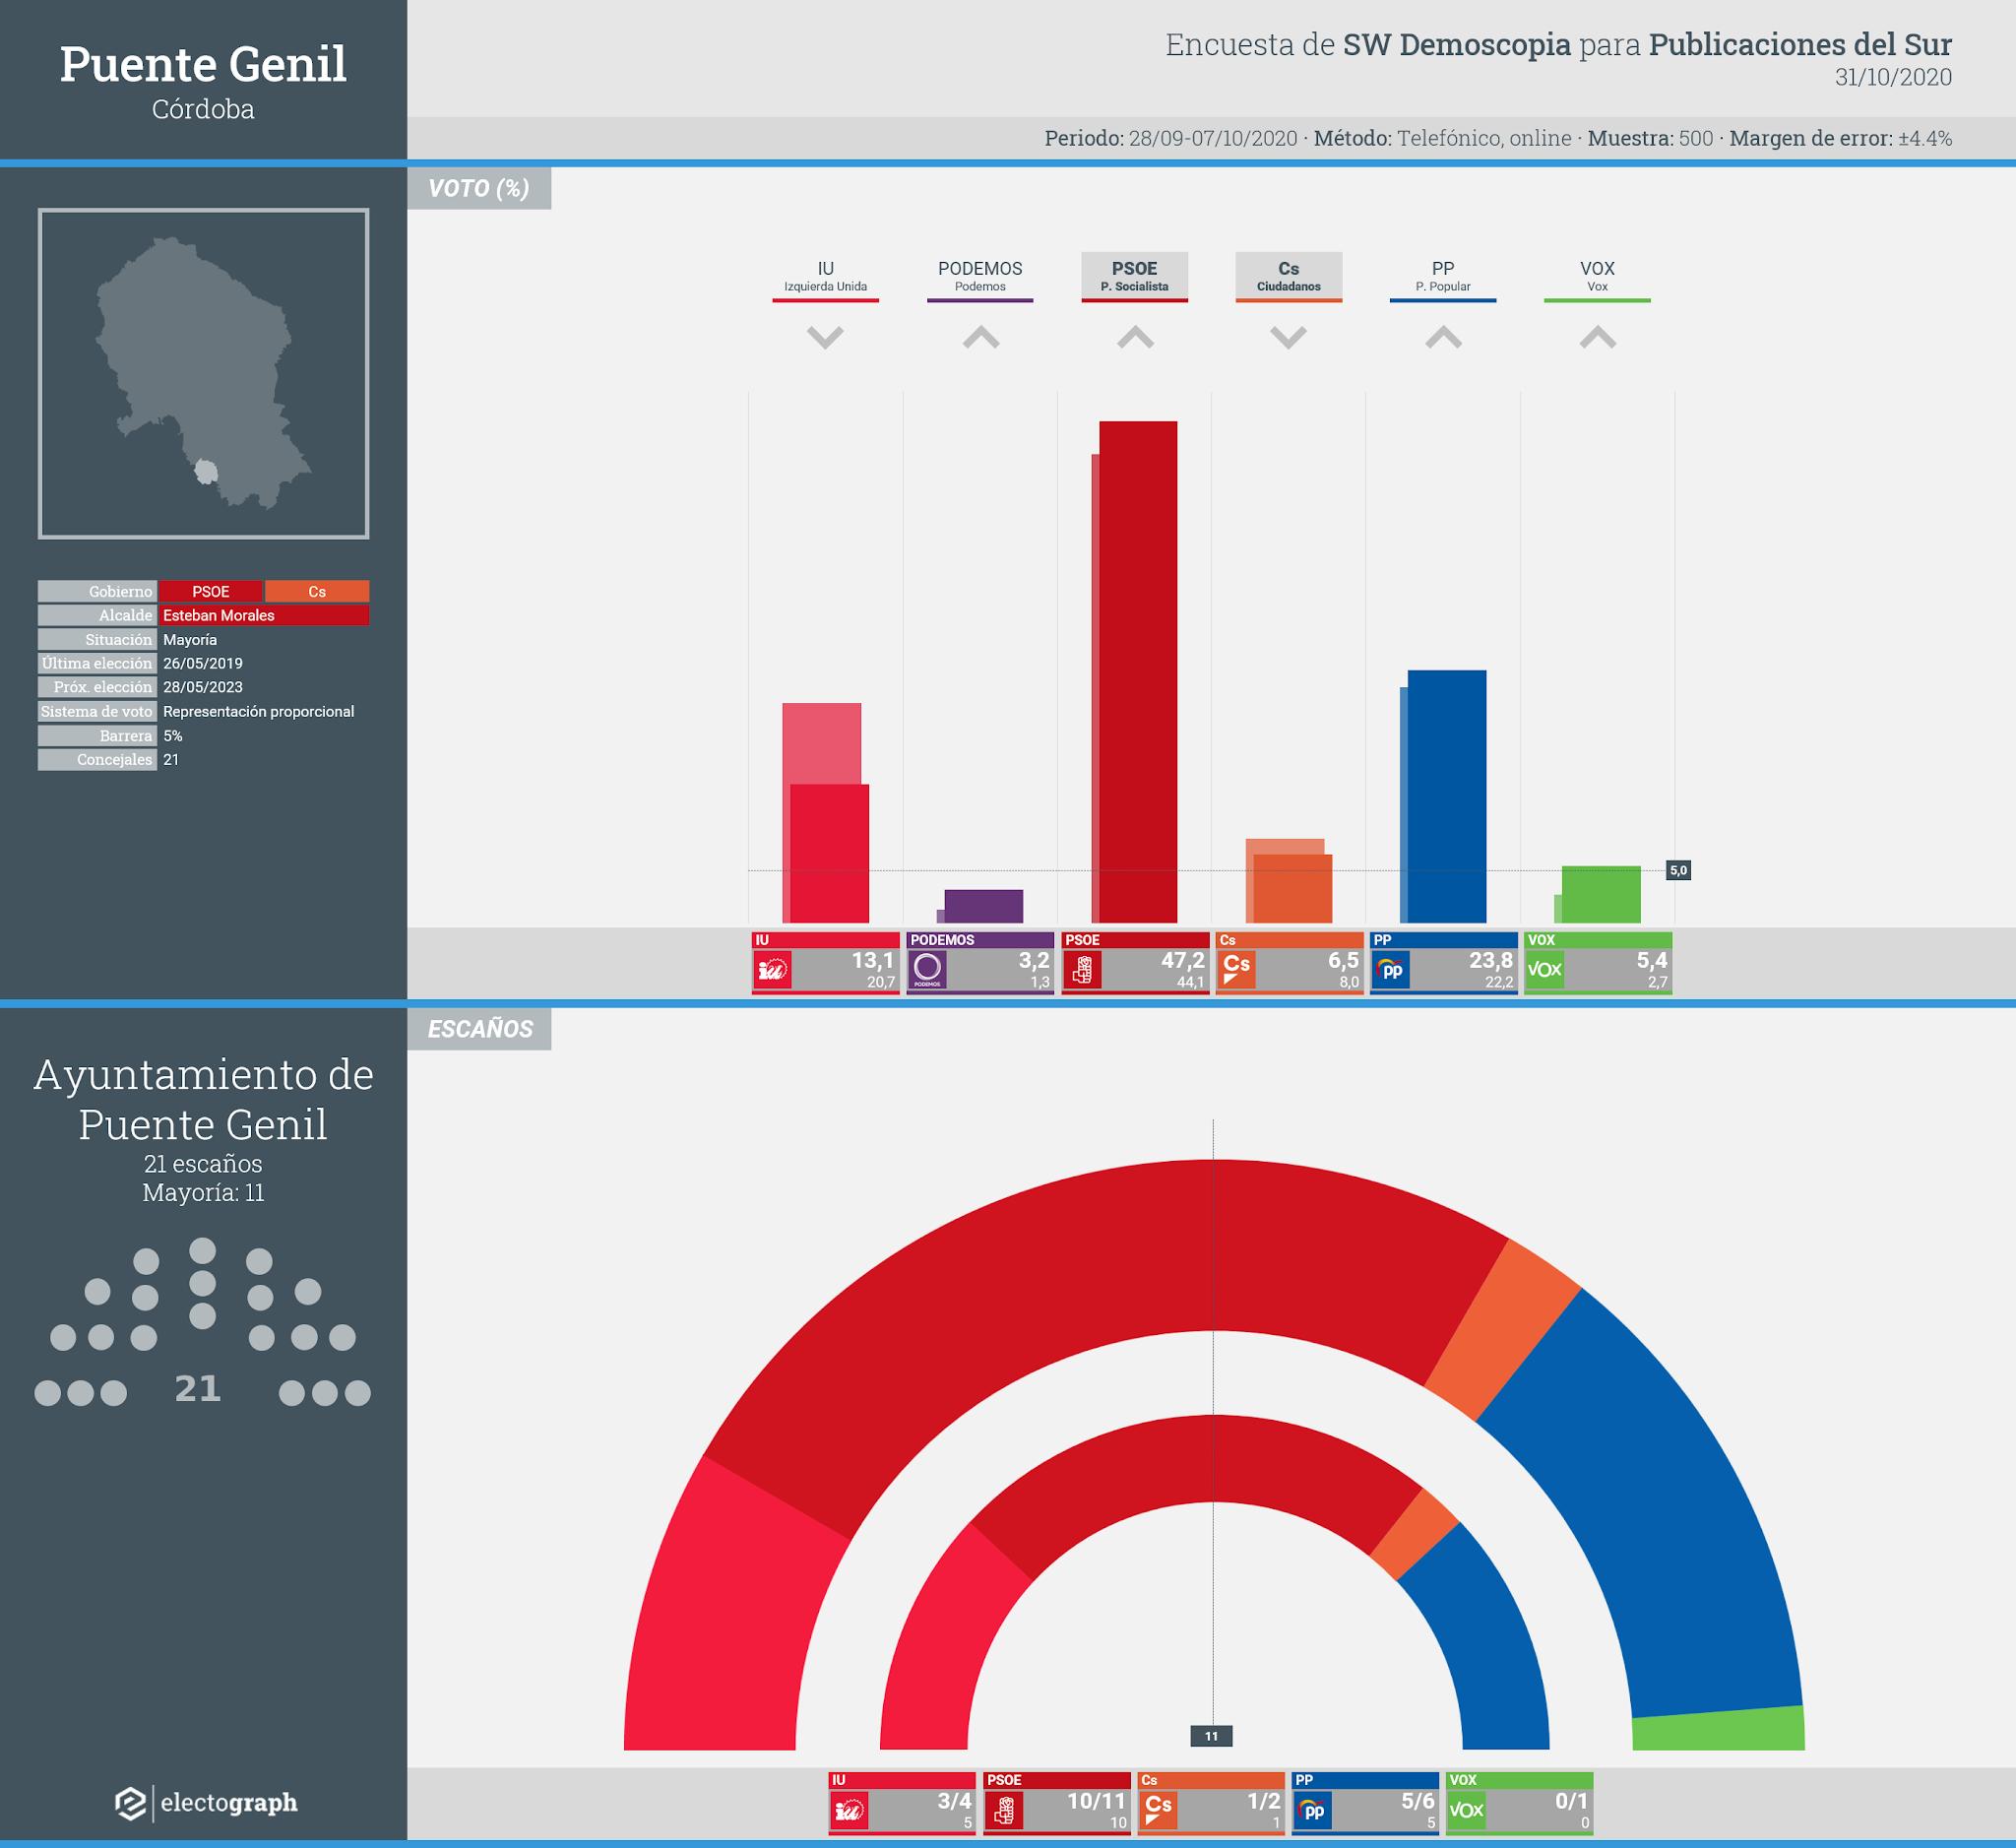 Gráfico de la encuesta para elecciones municipales en Puente Genil realizada por SW Demoscopia para Publicaciones del Sur, 31 de octubre de 2020